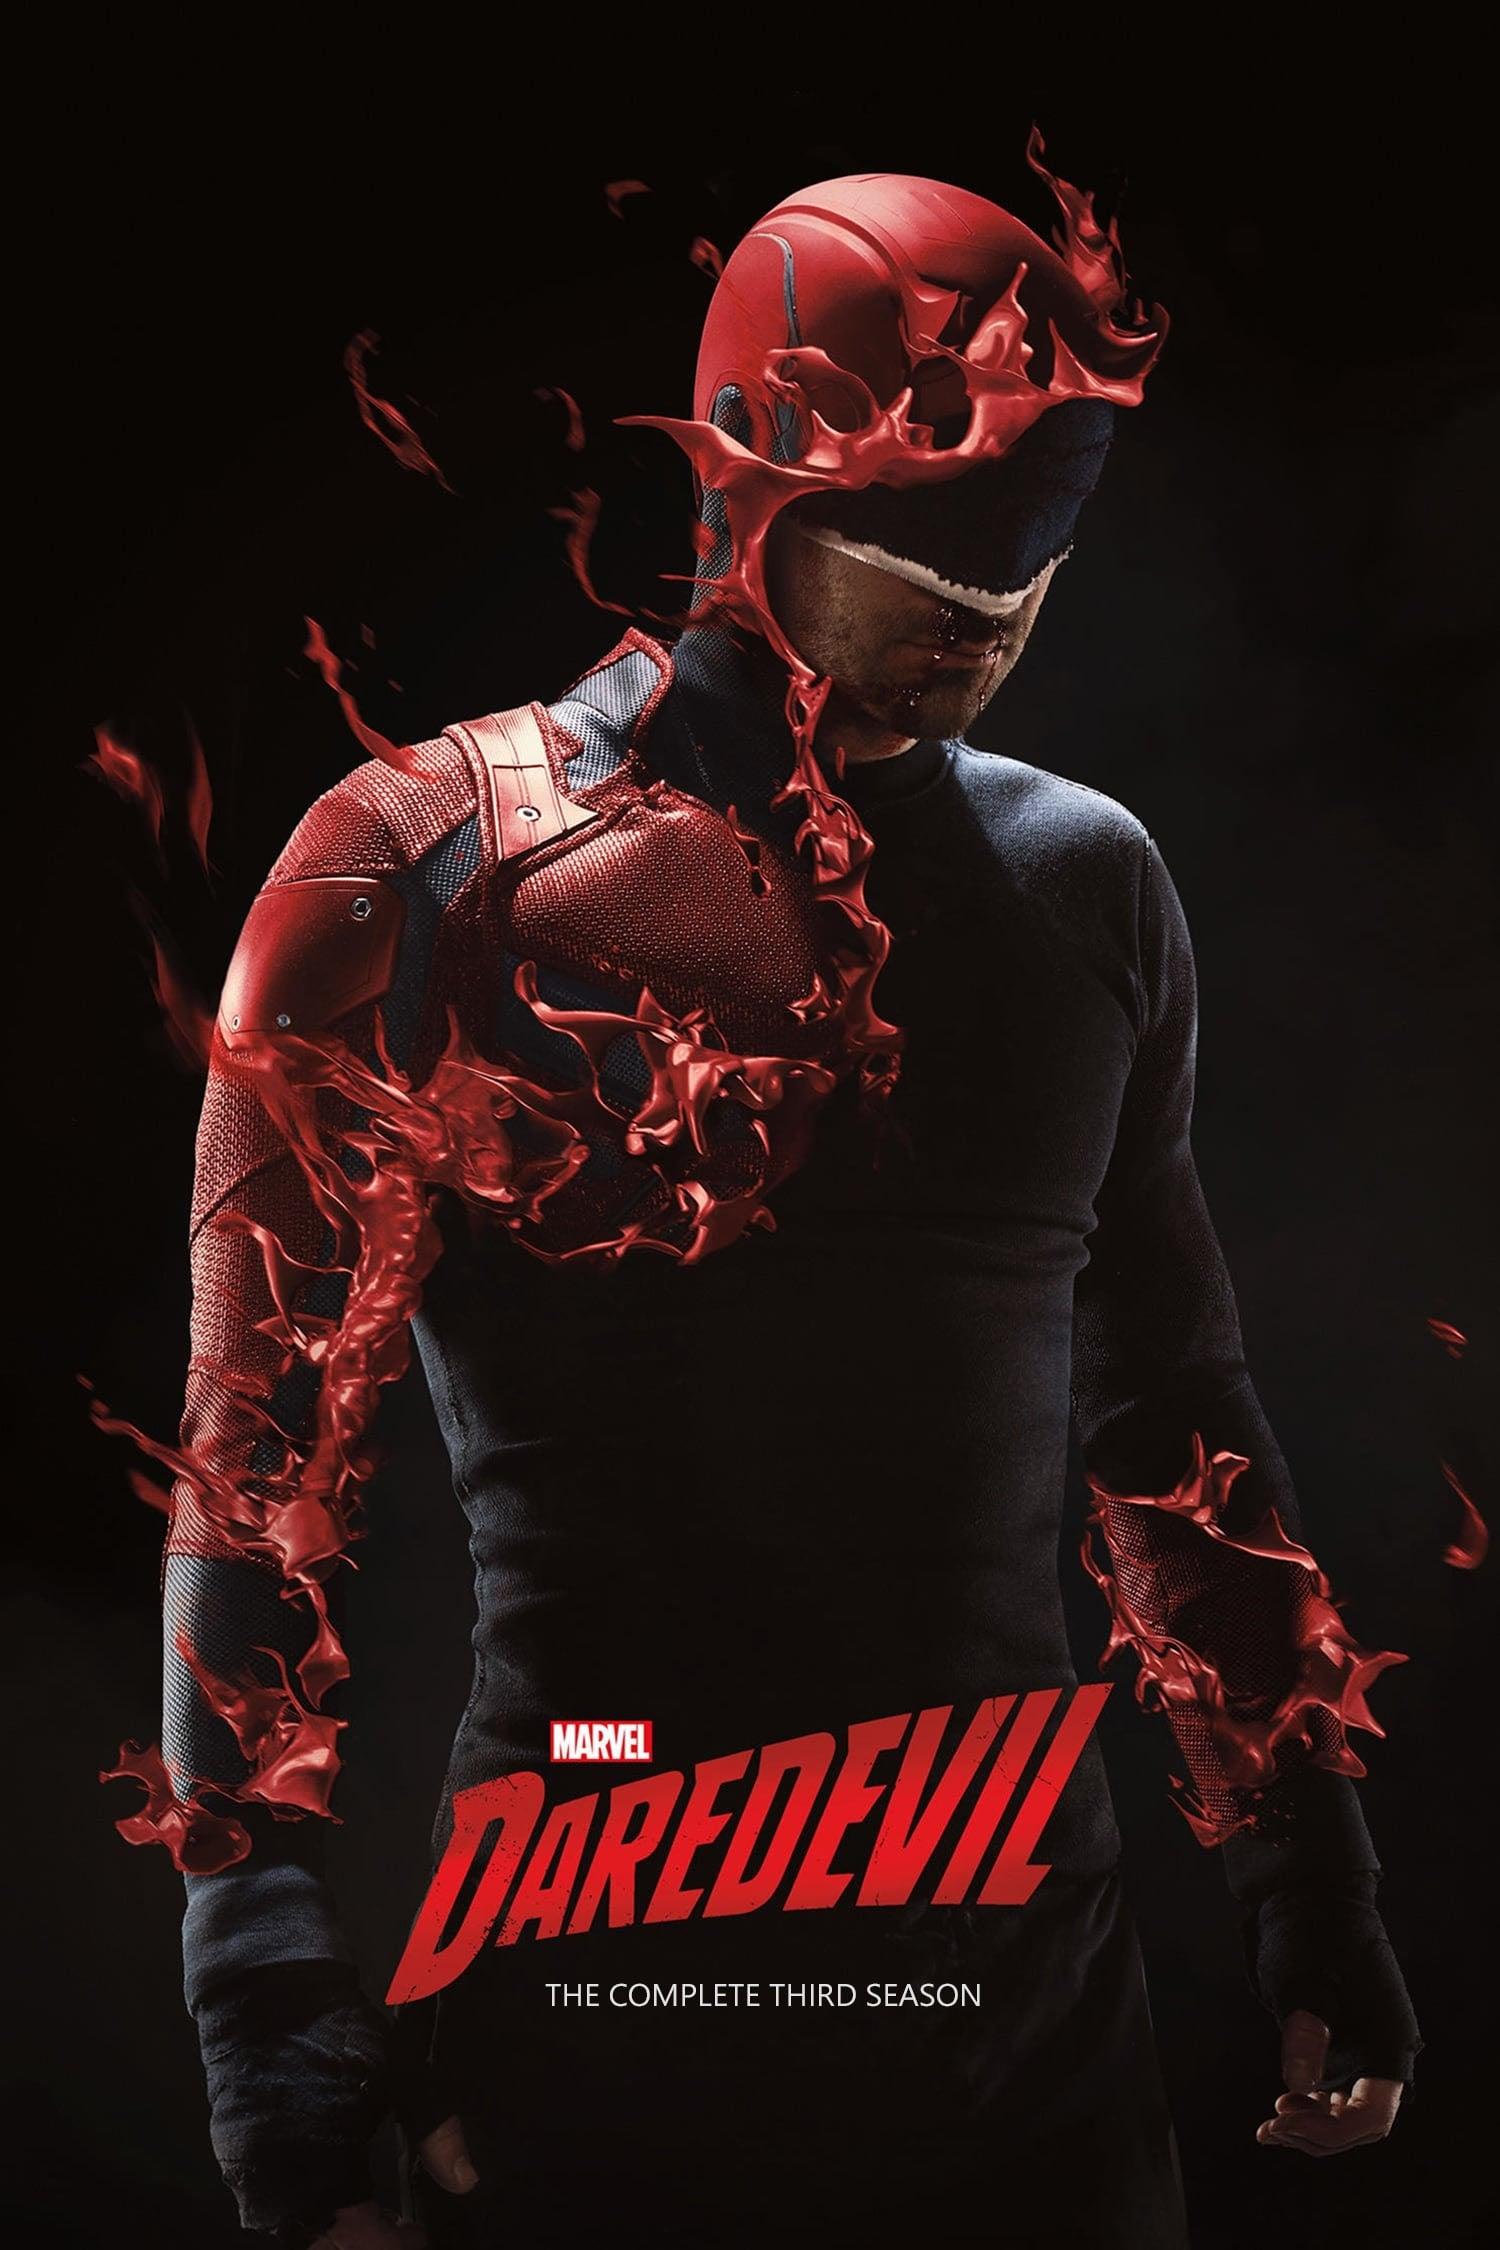 Marvel's Daredevil Season 3